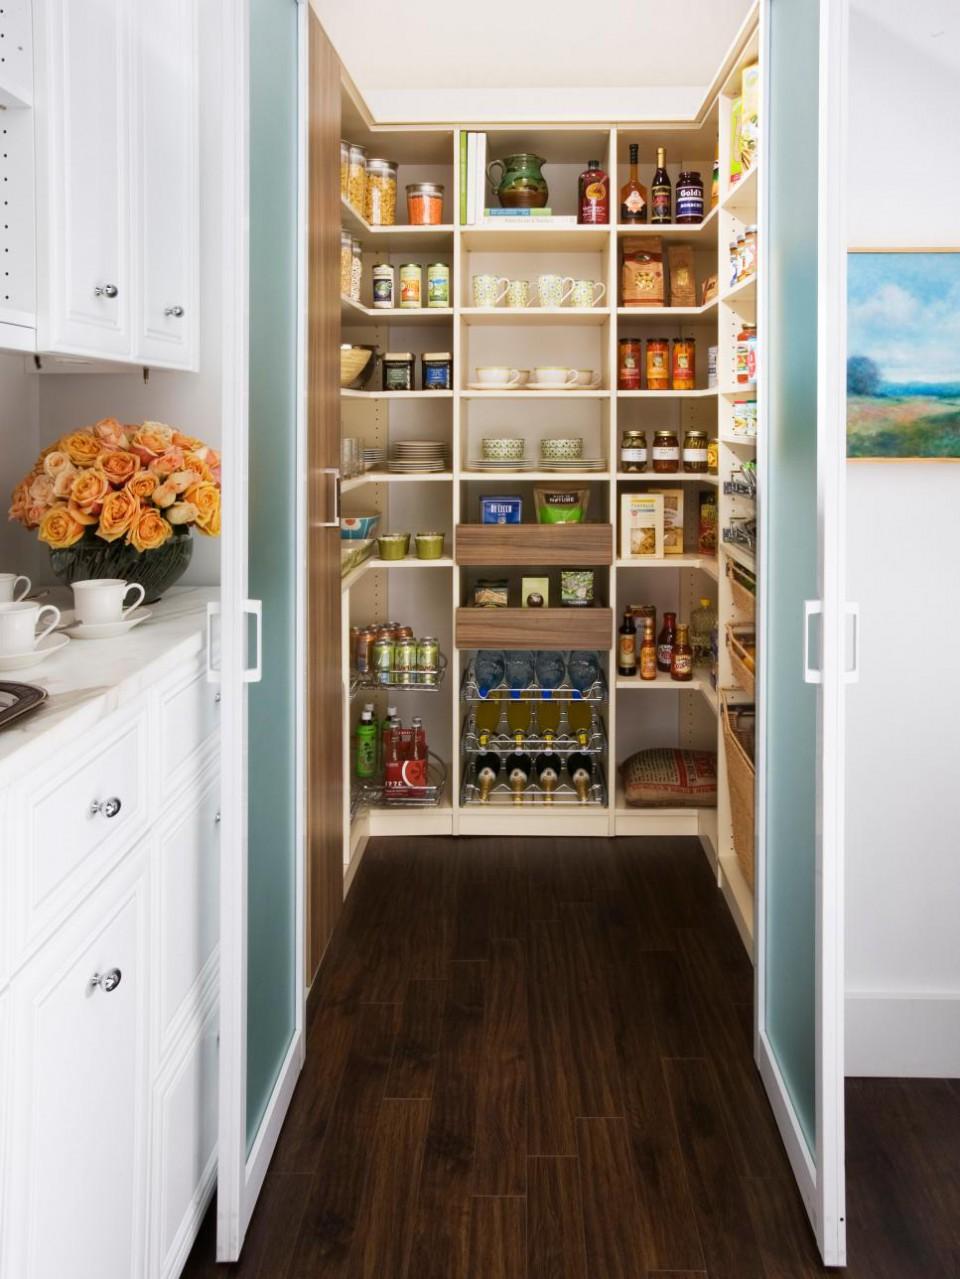 Baik Itu Besar Maupun Kecil Berbagai Peralatan Dapur Pasti Tersebar Di Area Tidak Hanya Soal Kebersihan Penyimpanan Perlu